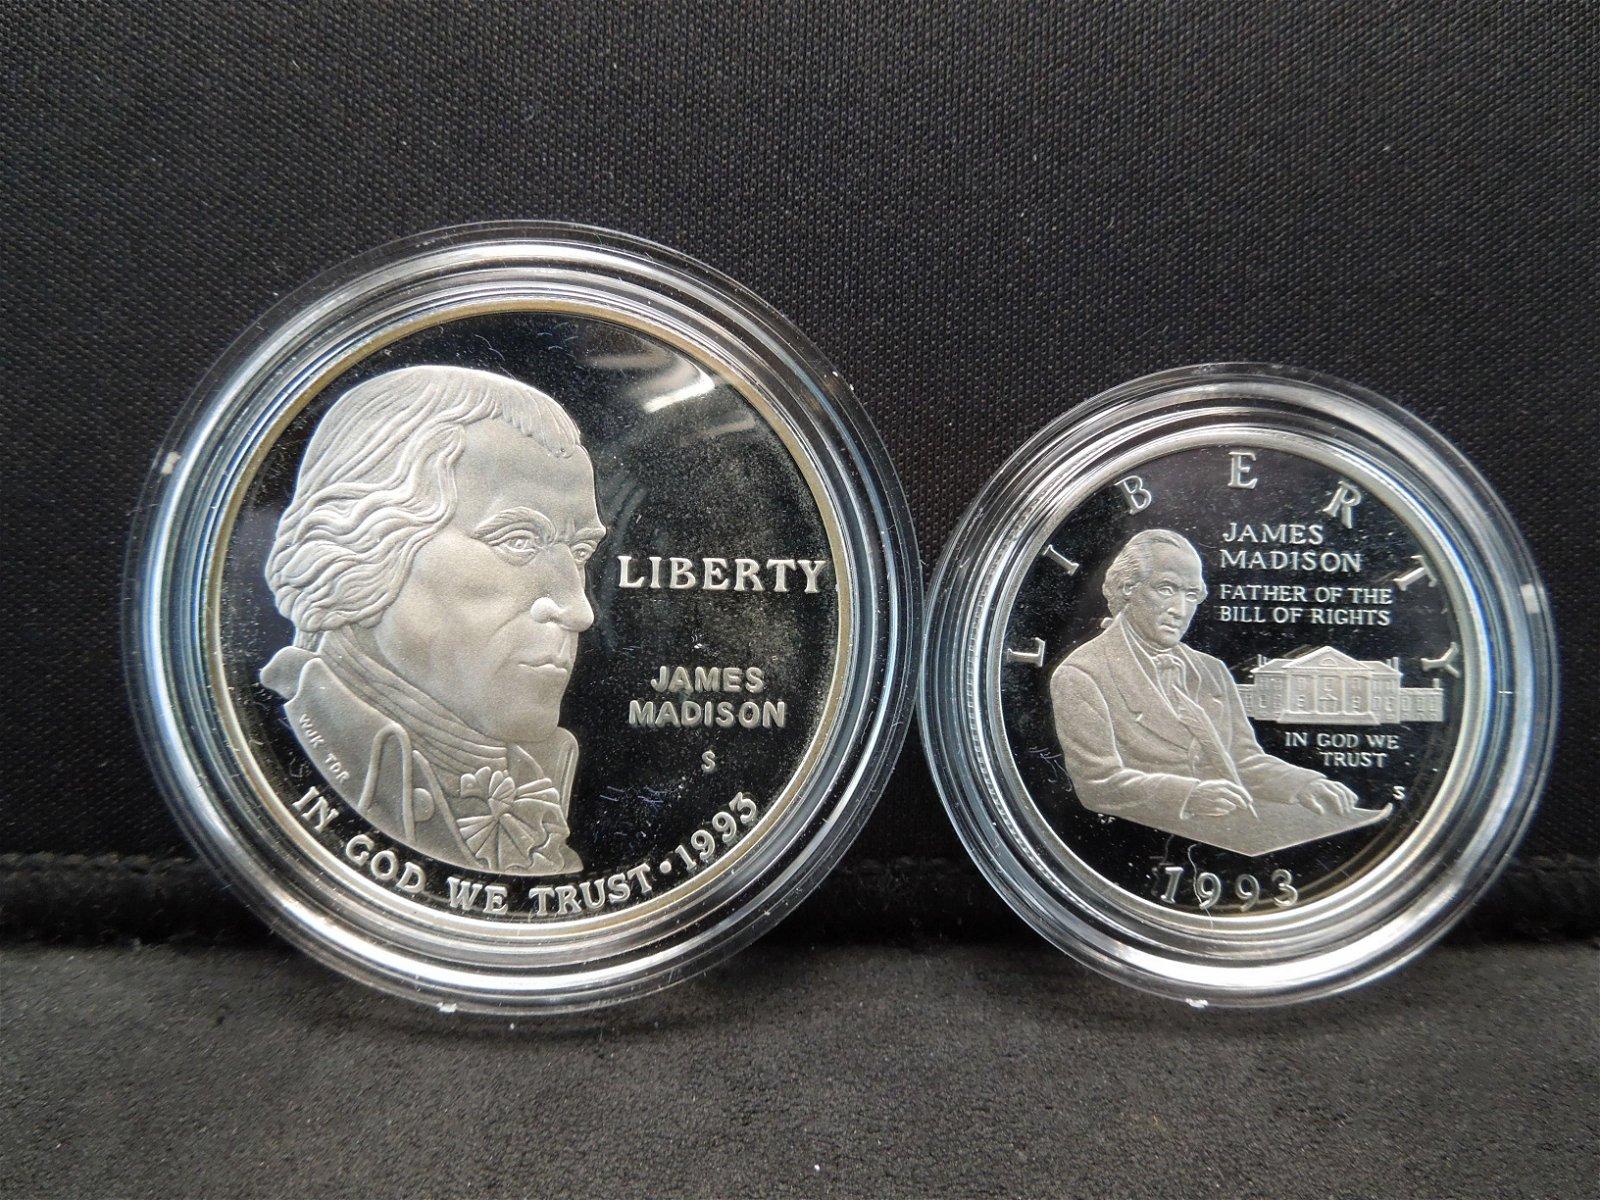 1993-S 2 Coin Bill of Rights Commemorative Silver